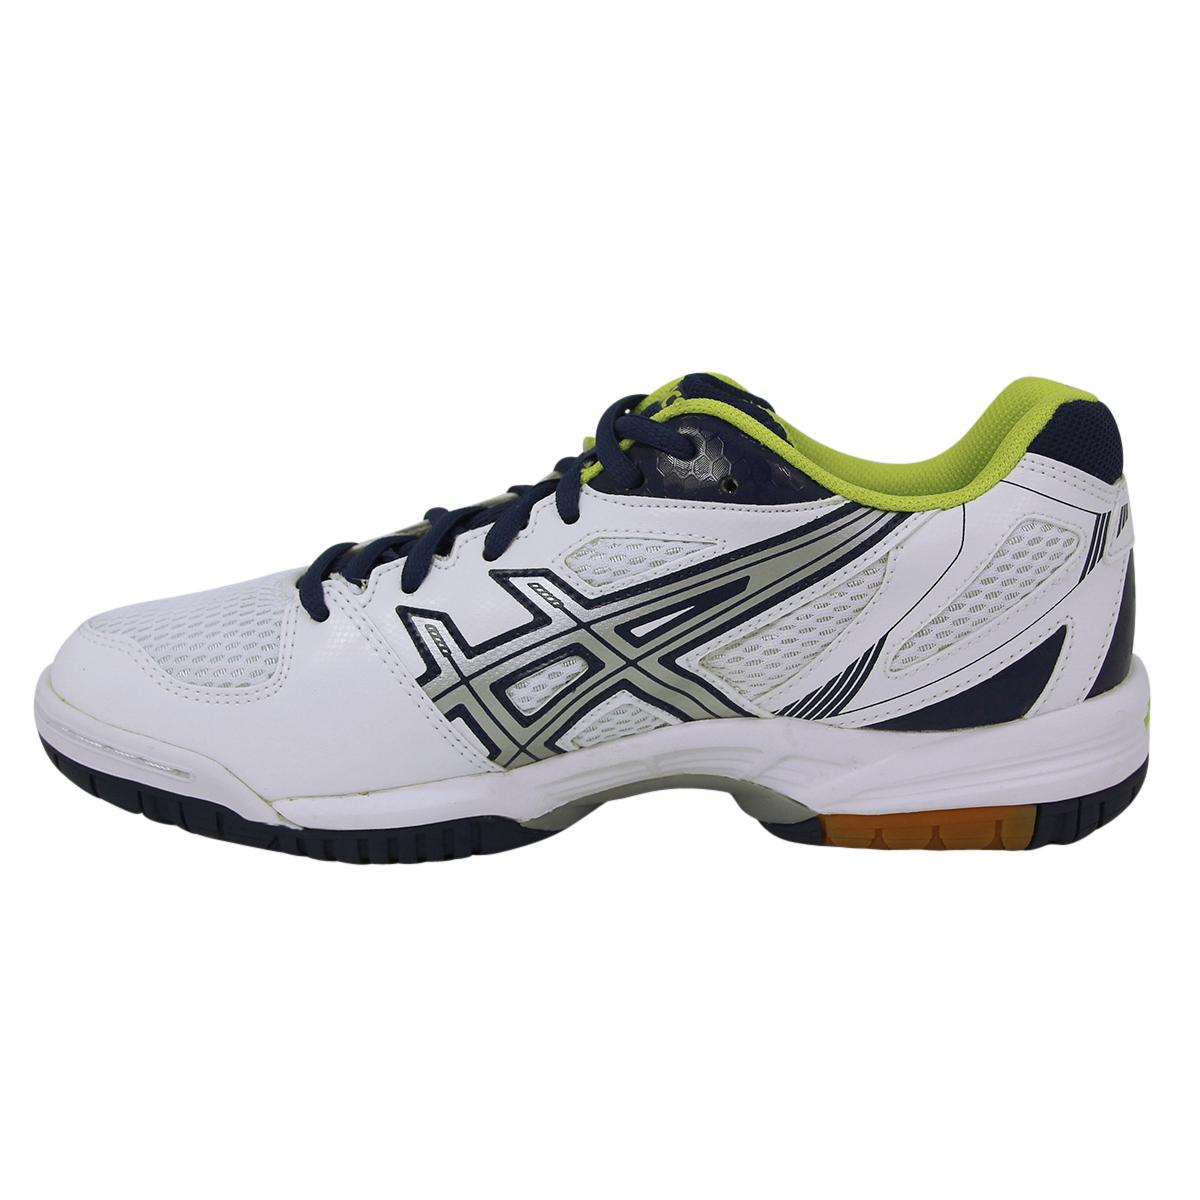 Gel De De Chaussures Chaussures Handball Handball Chaussures Flare Gel Flare P80OwknX